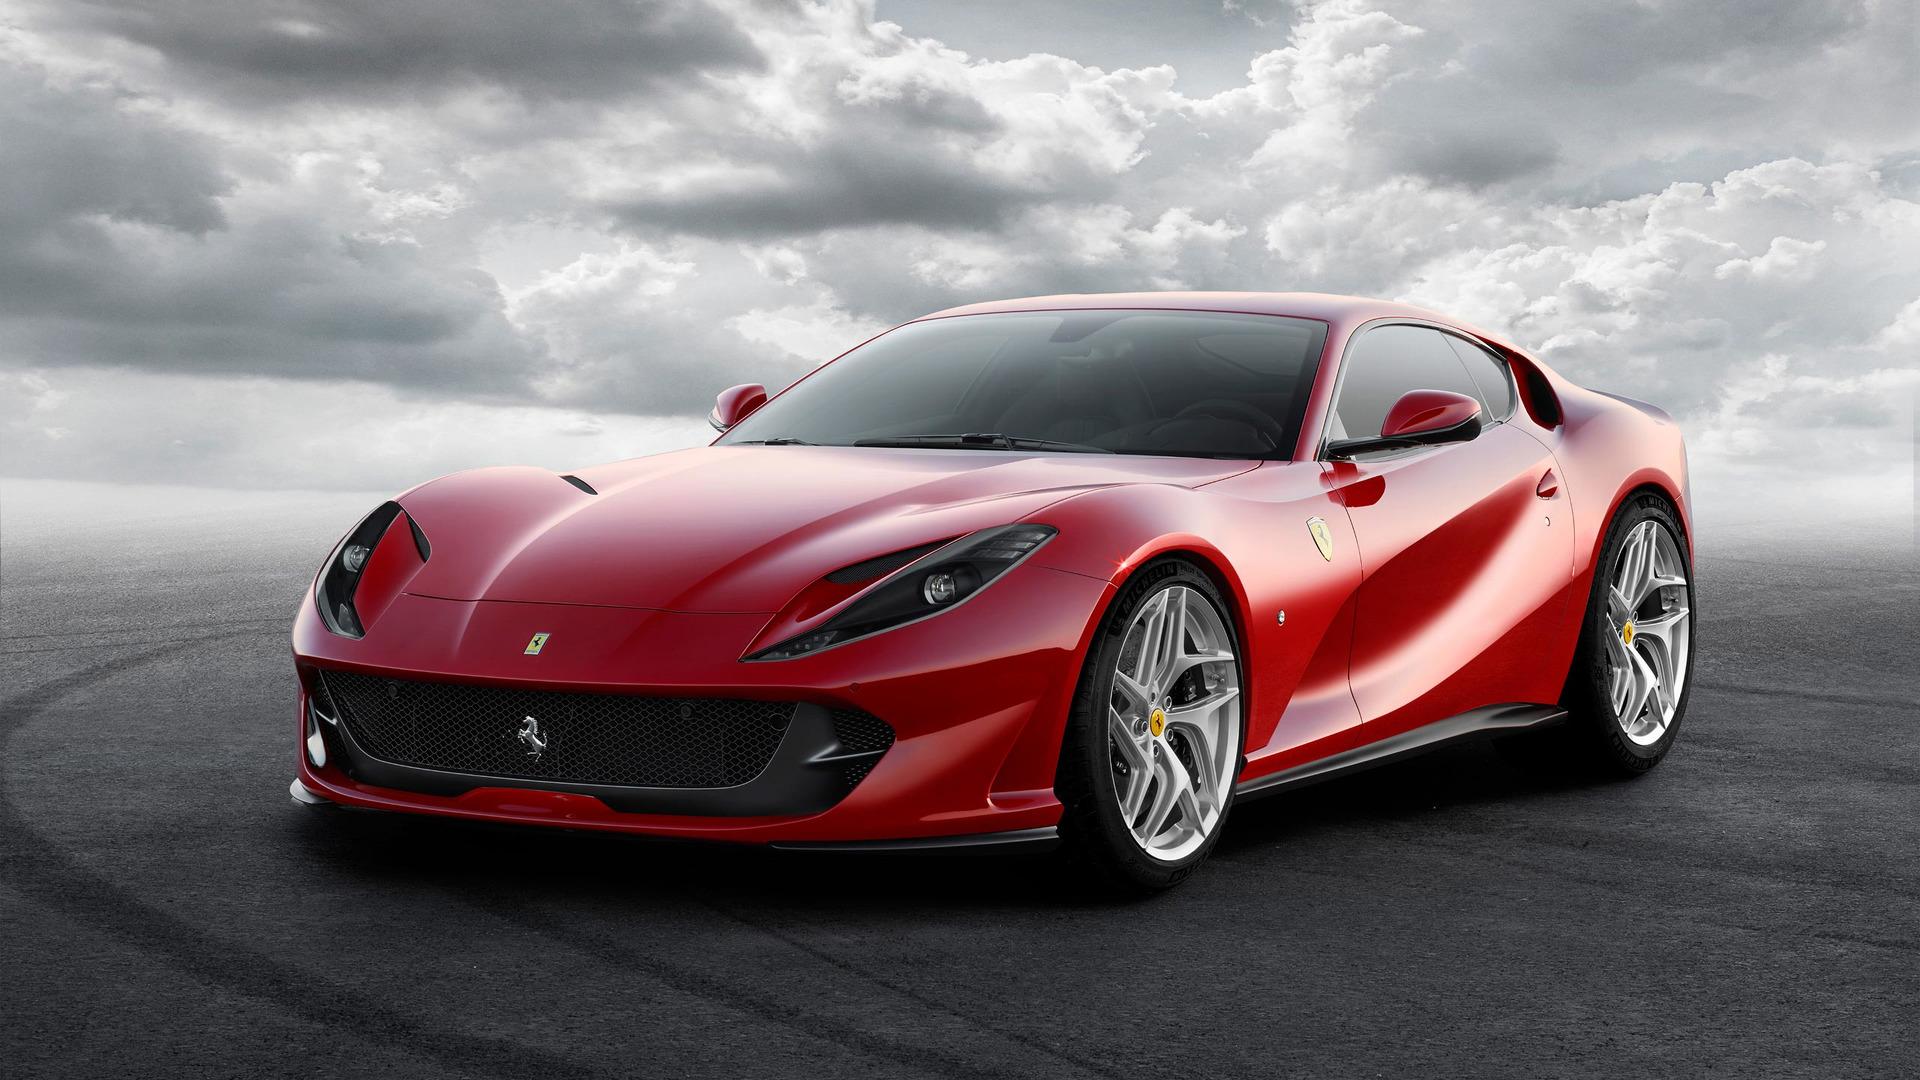 Ferrari predstavit srazu dve novye modeli osenyu11